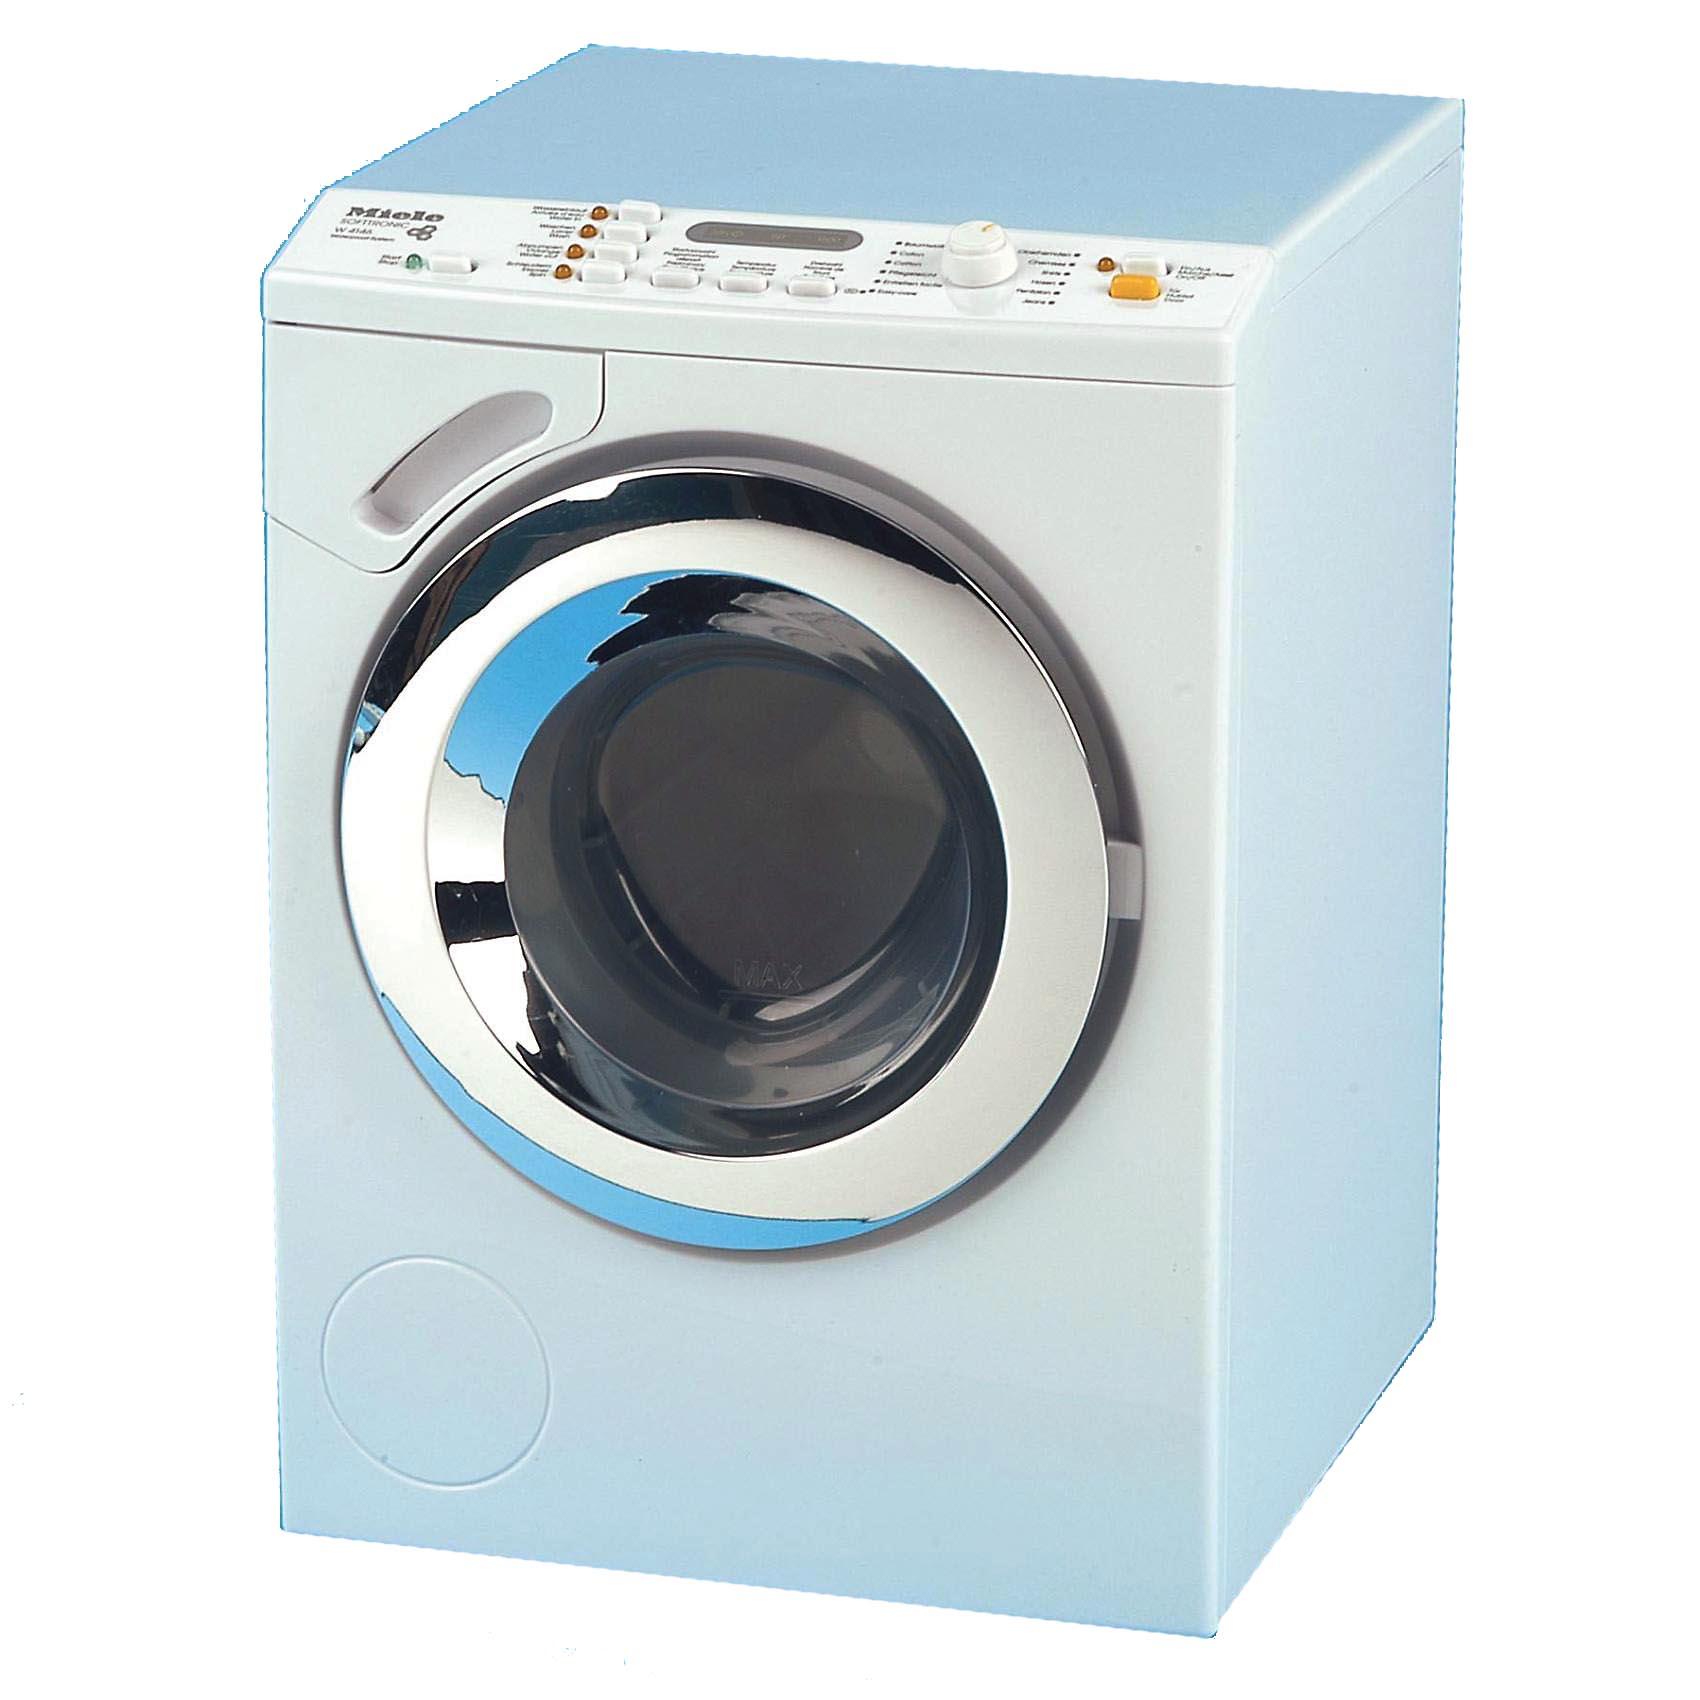 картинки стиральные машины все серии подряд между сдать